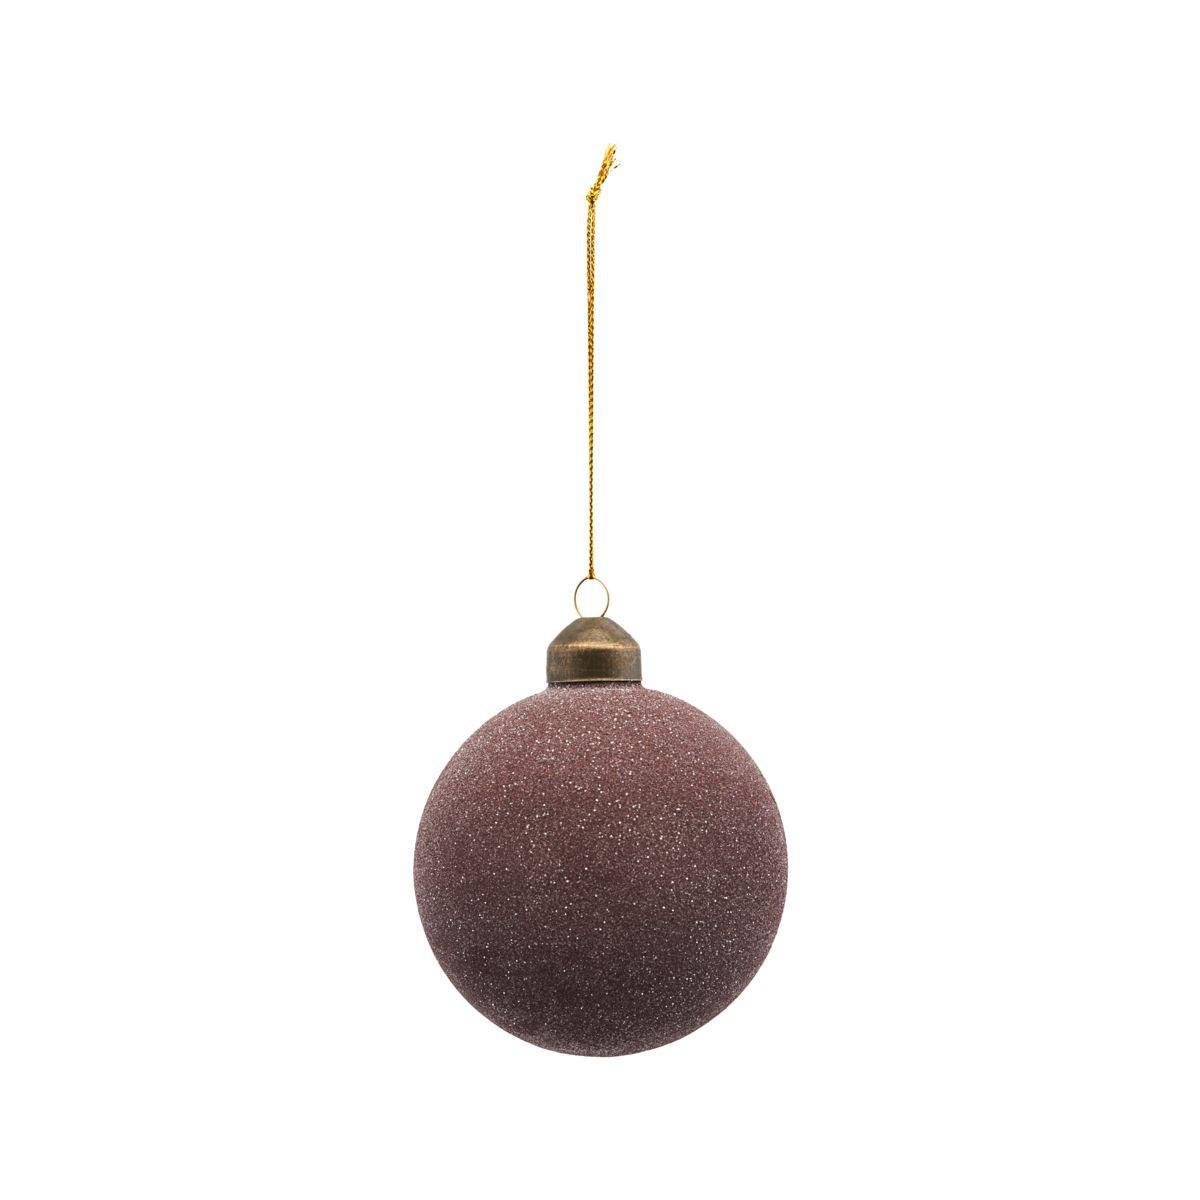 House Doctor Glittery Ornament Plum Ø 10 cm